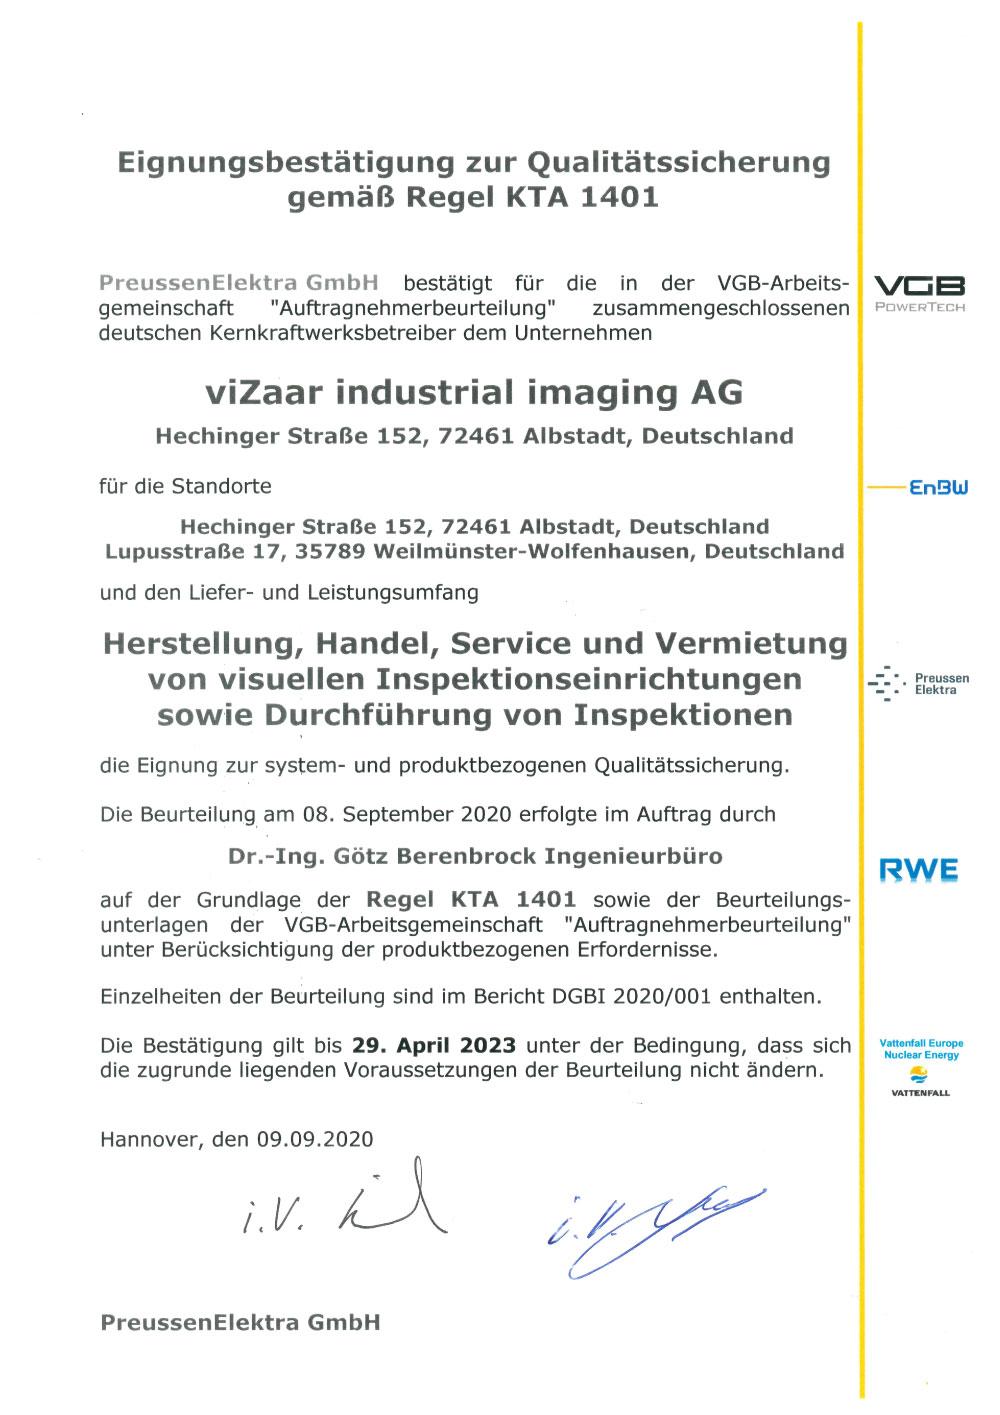 KTA-1401 Zertifikat viZaar